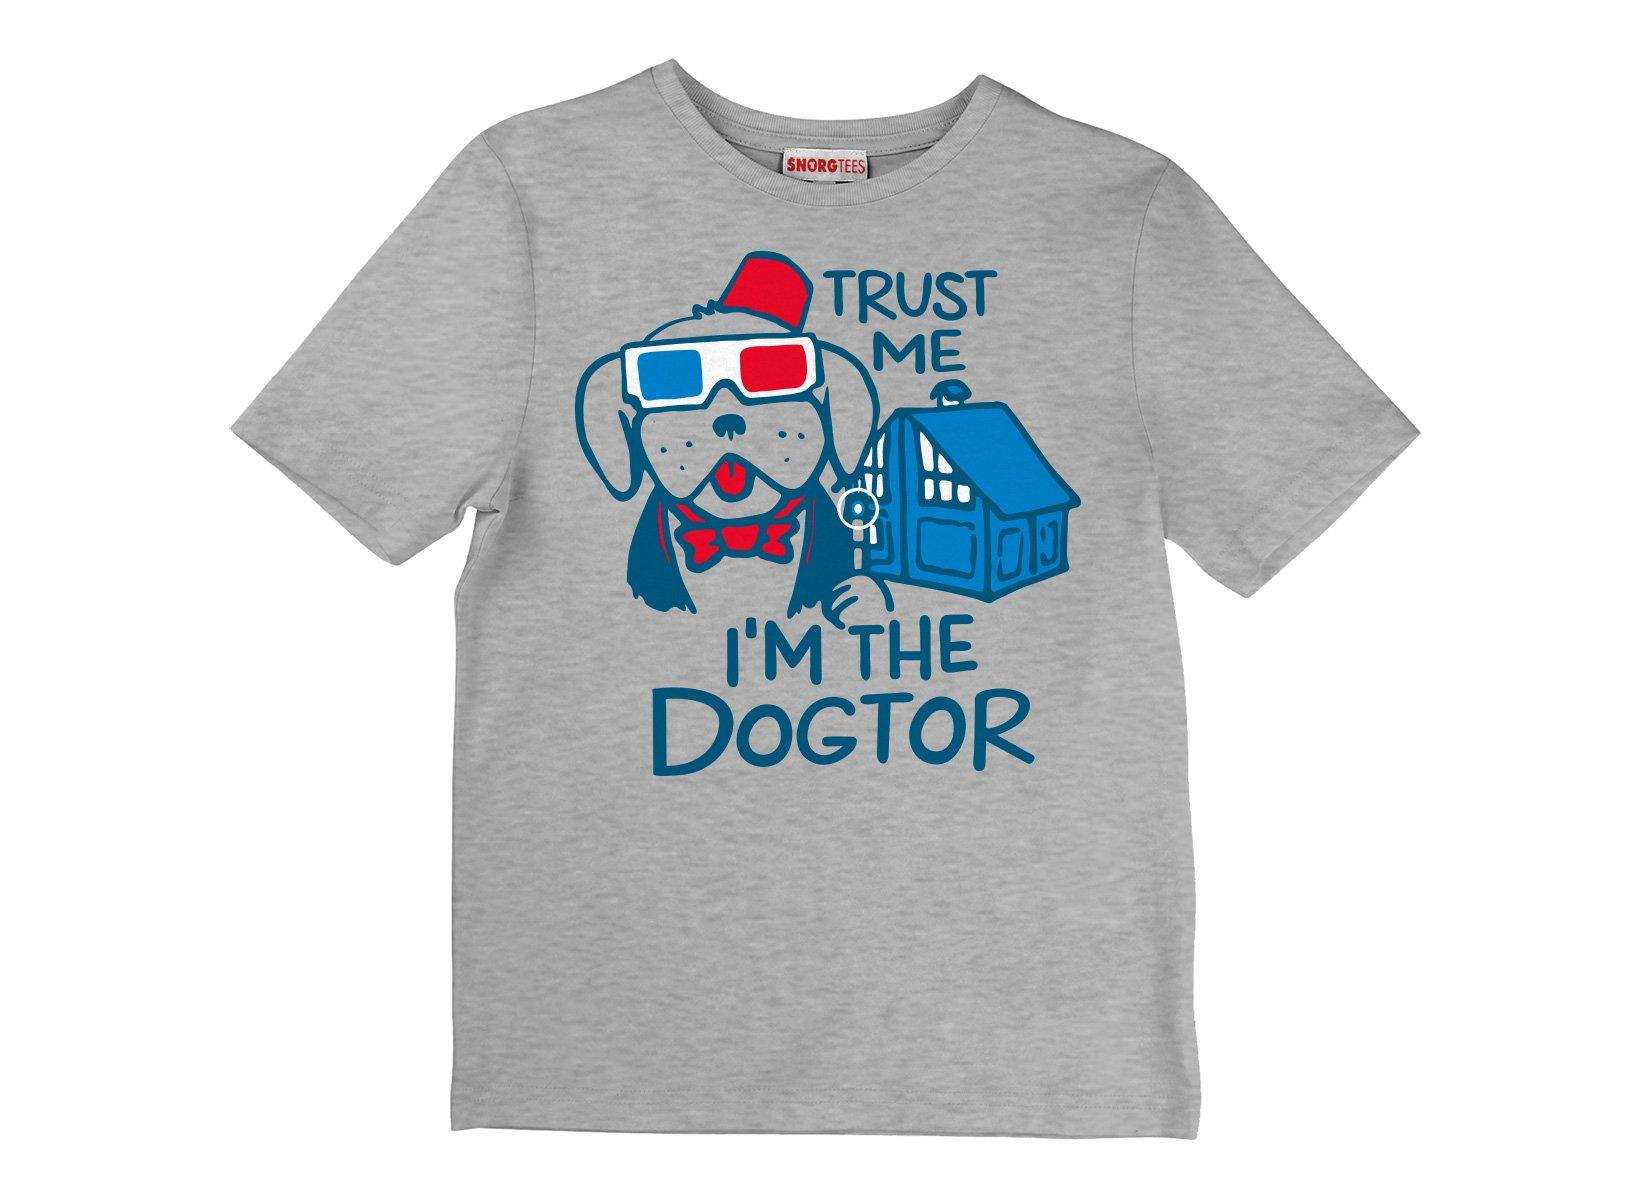 Trust Me, I'm The Dogtor on Kids T-Shirt